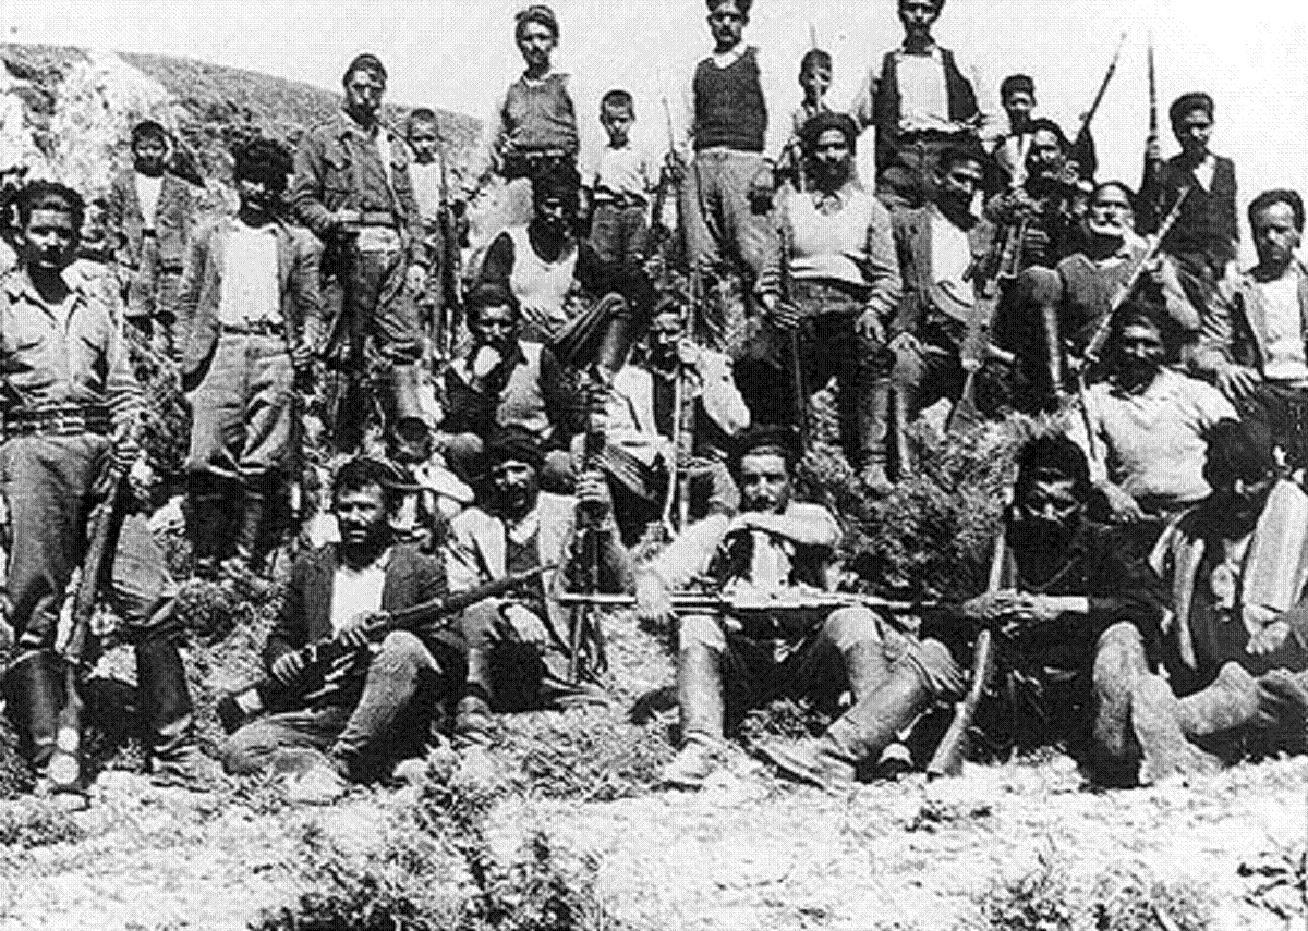 20 Μαΐου 1941. Ξεκινᾶ ἡ μάχη τῆς Κρήτης.